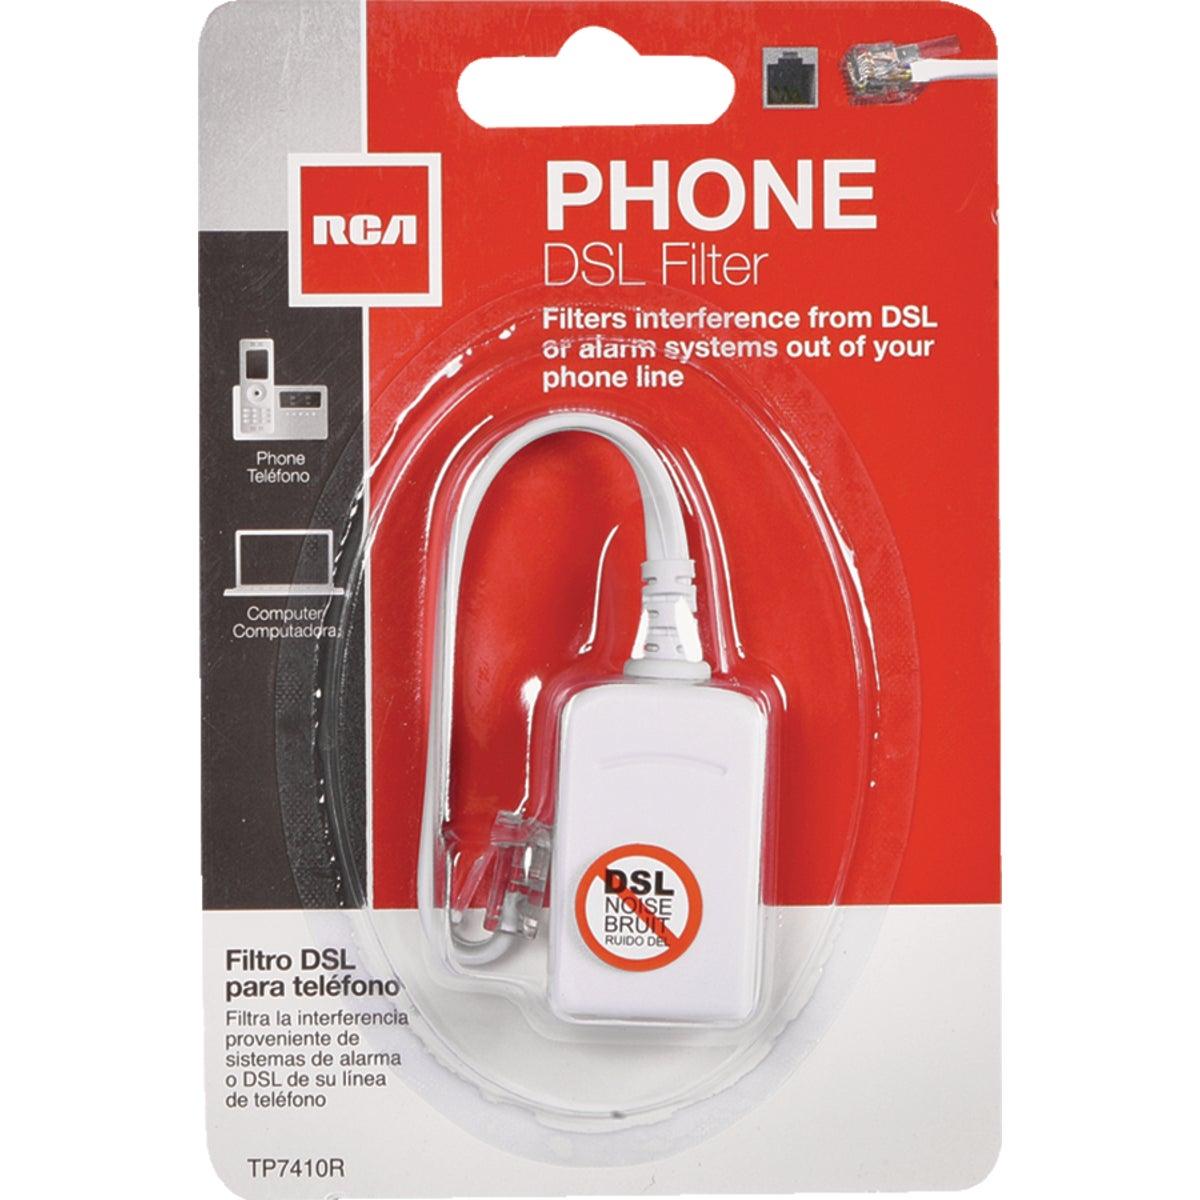 DSL/PHONE LINE FILTER